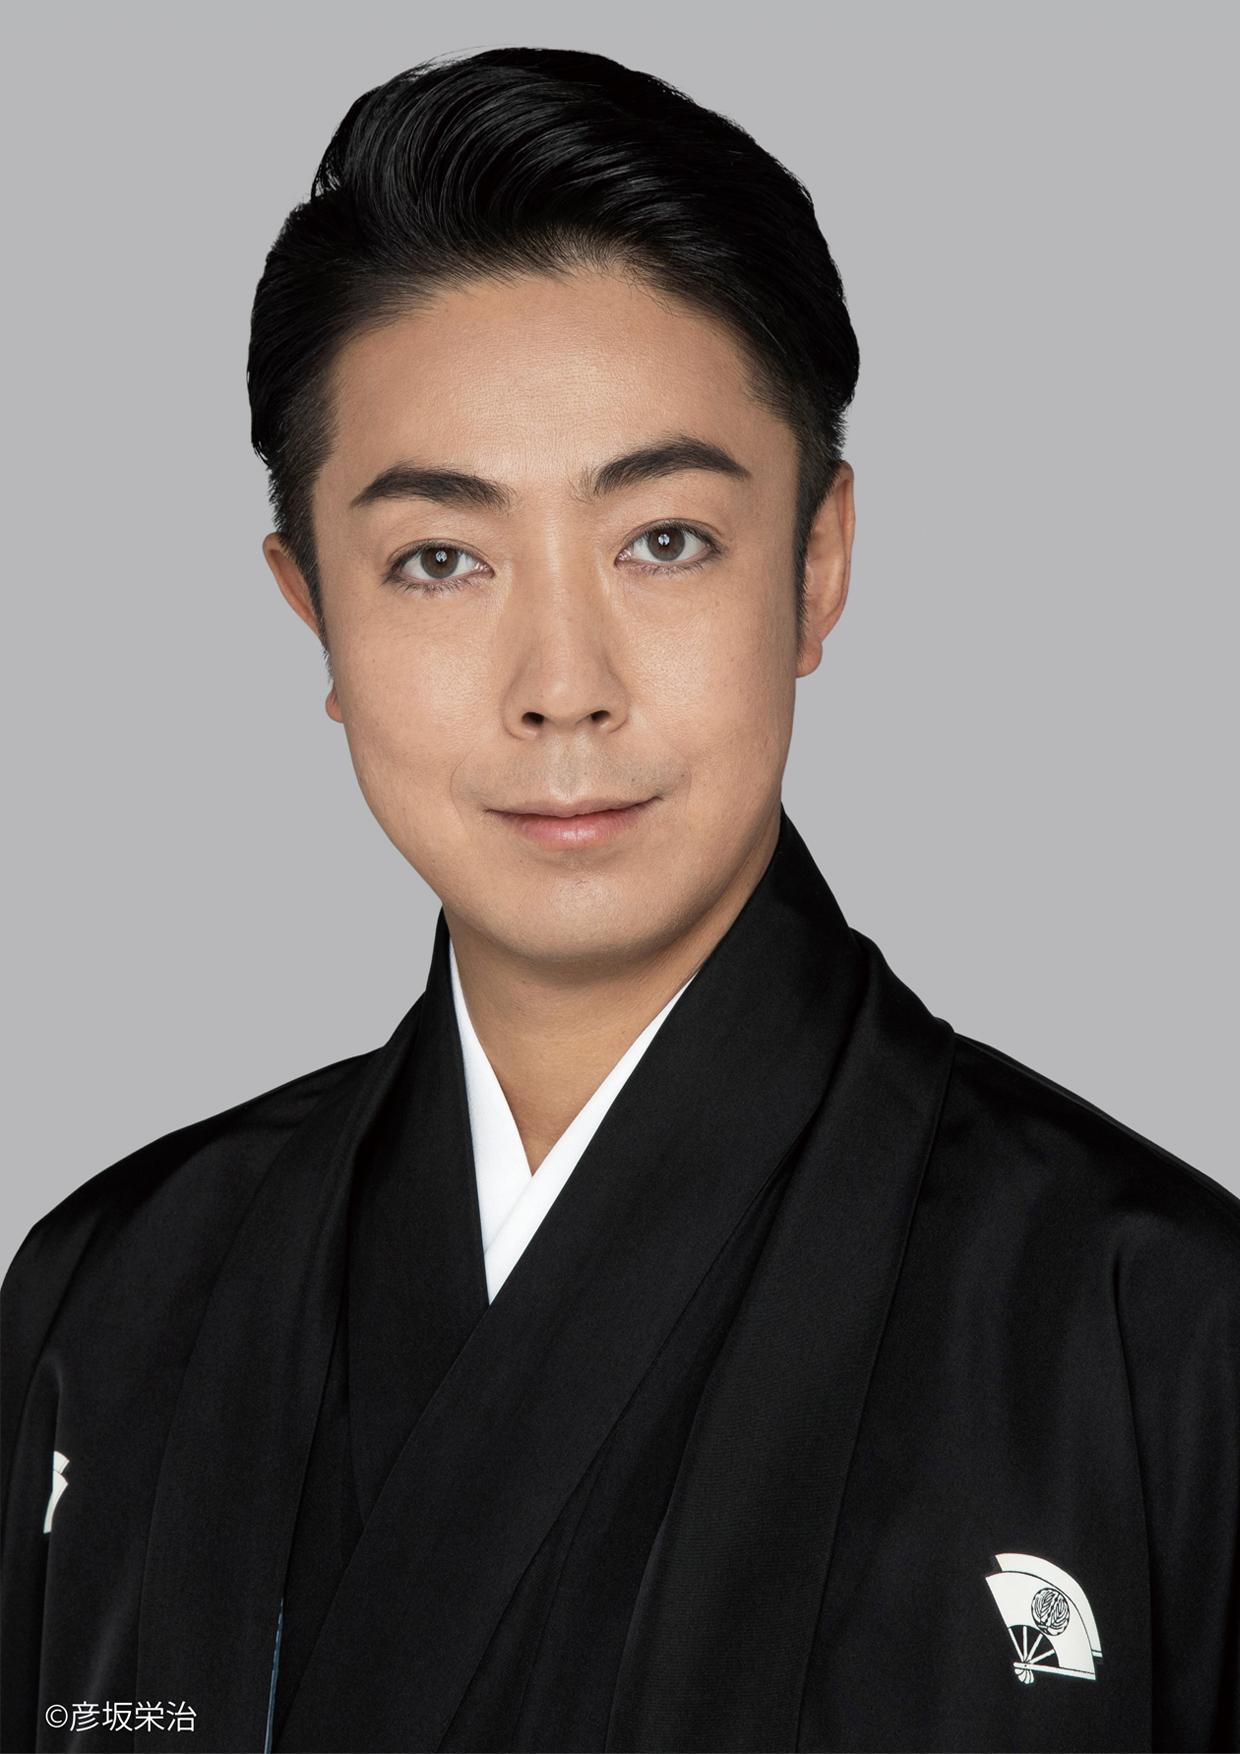 錦秋御園座歌舞伎